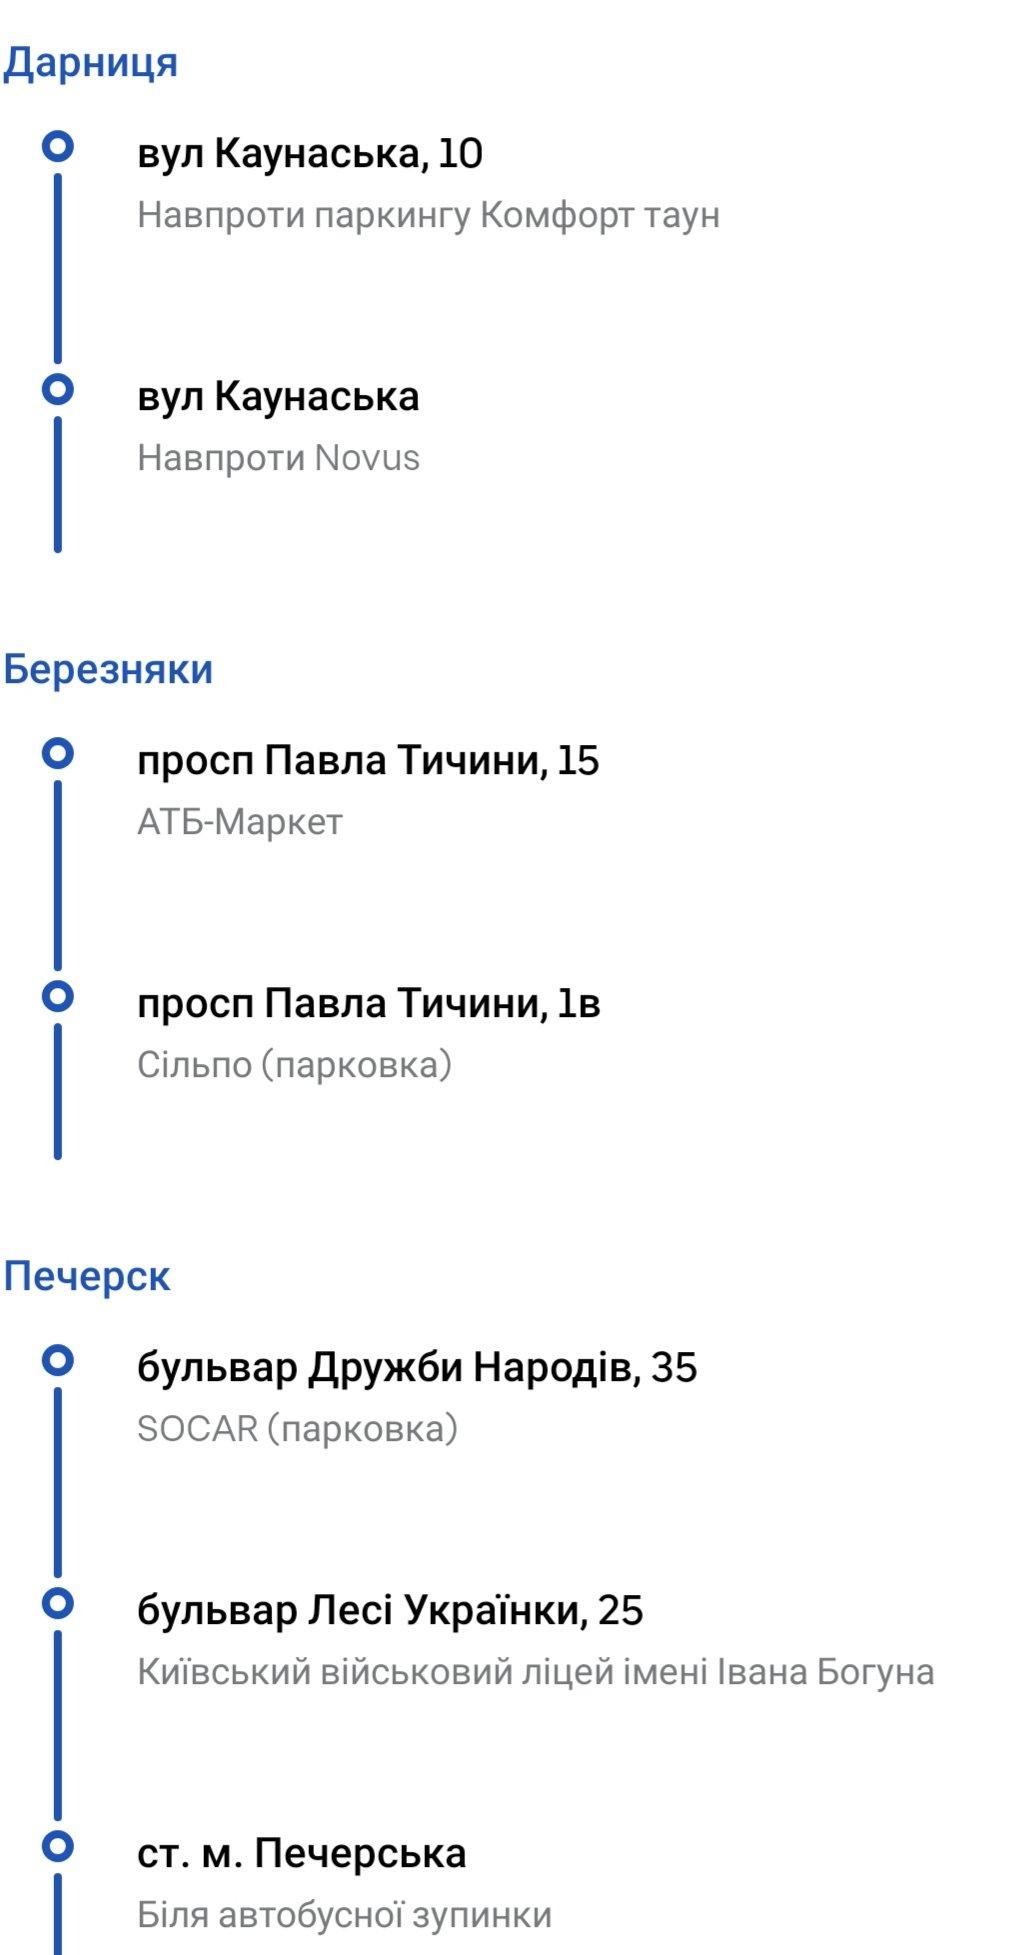 """Маршрутки Киева: где ездят, как работают и сколько стоит проезд в автобусах """"Uber Shuttle"""", фото-7"""